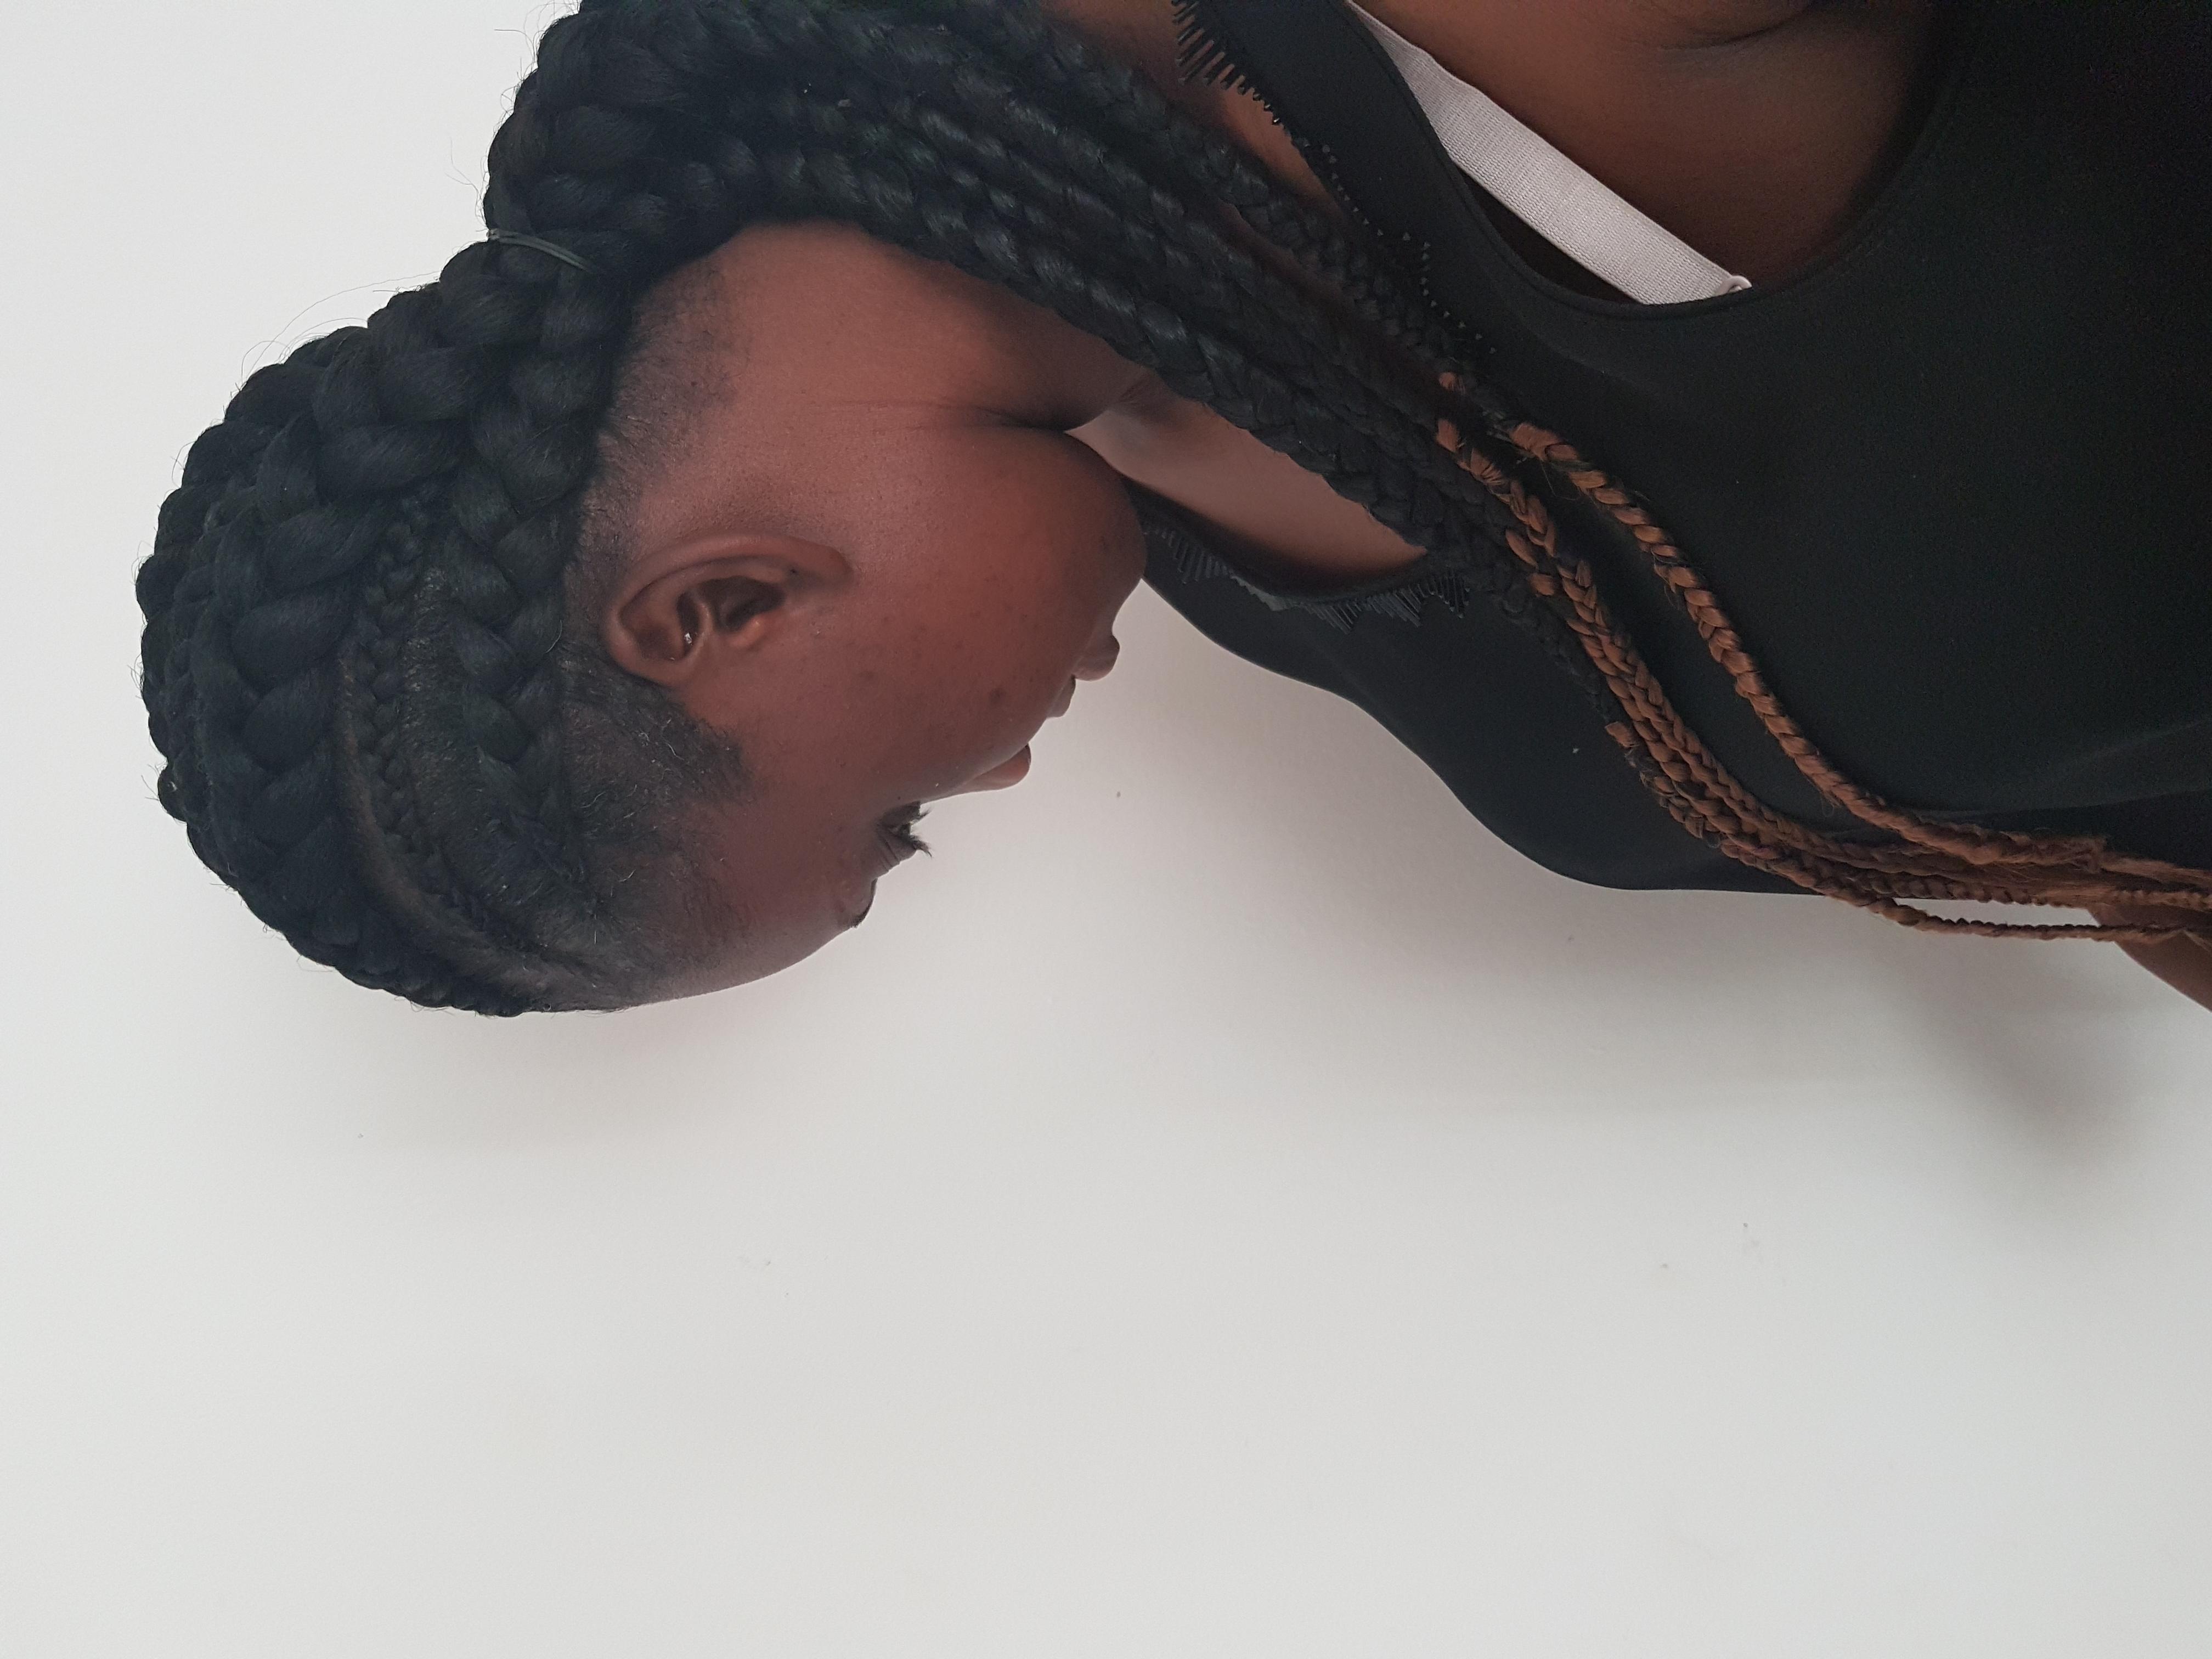 salon de coiffure afro tresse tresses box braids crochet braids vanilles tissages paris 75 77 78 91 92 93 94 95 EMVADYRG